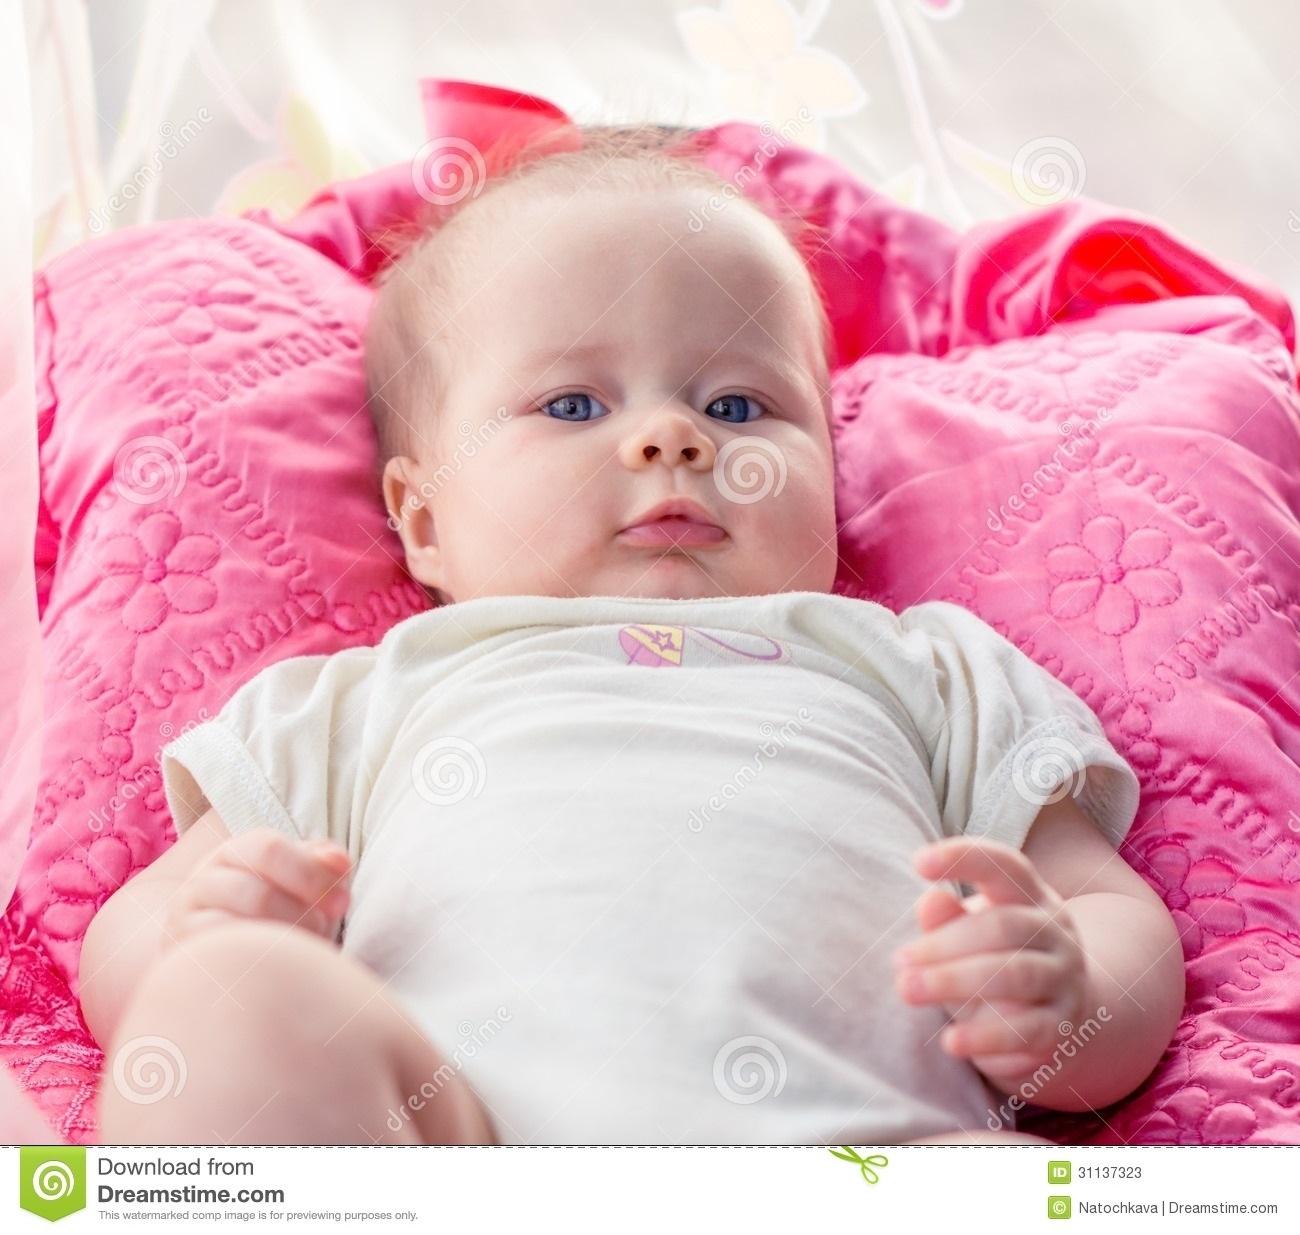 Дети маленькие с голубыми глазами007